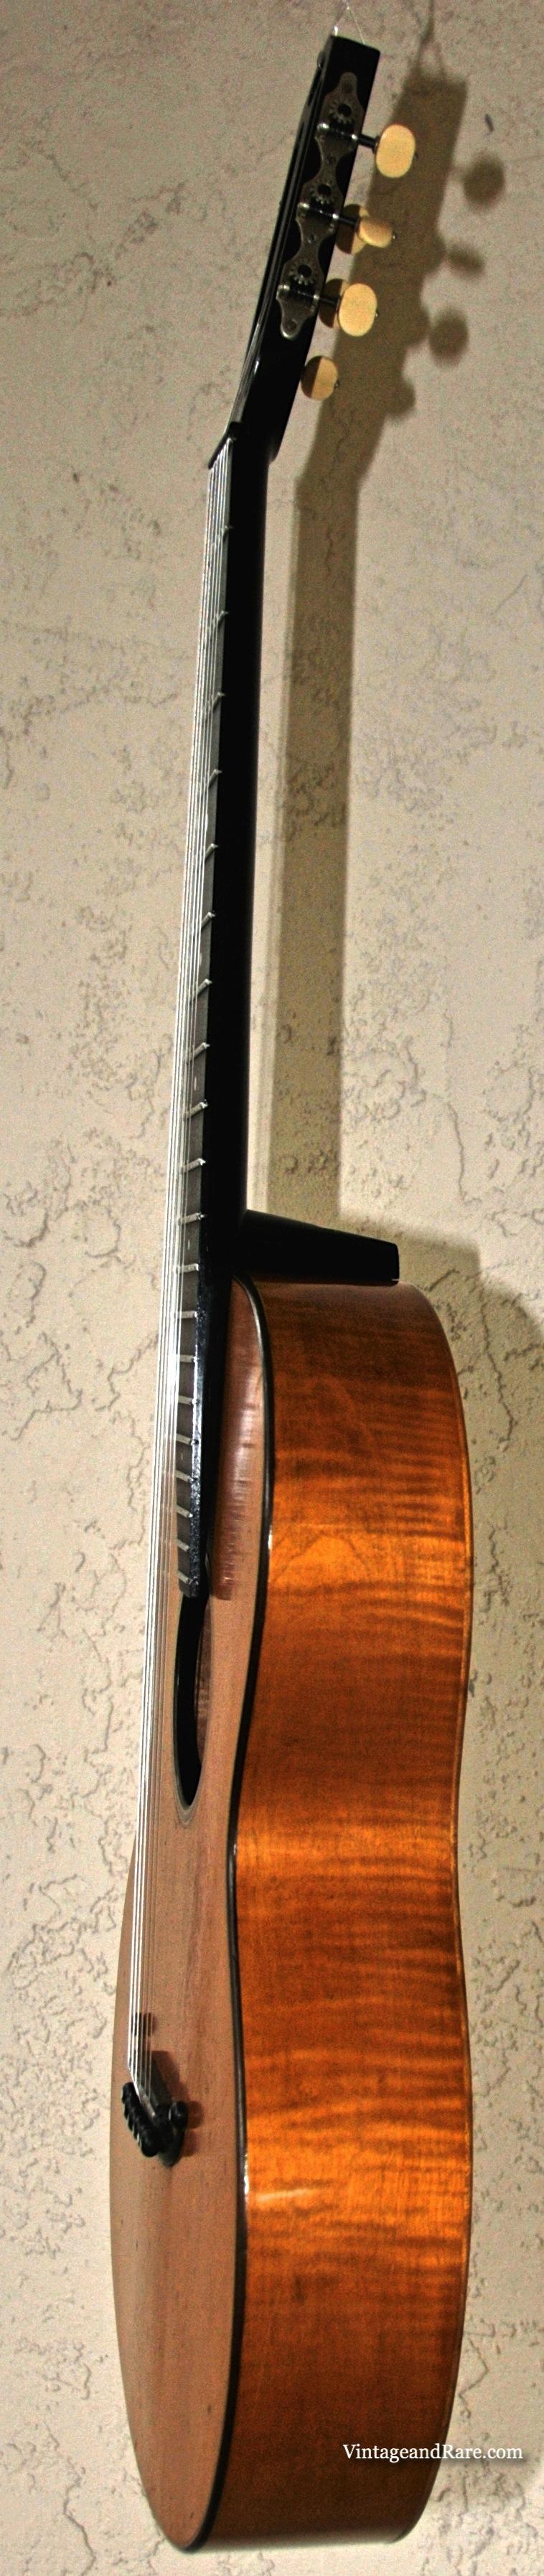 Hermann Hauser Sr Vienna Model 1922 Guitar For Sale -> Vintage Möbel Vienna